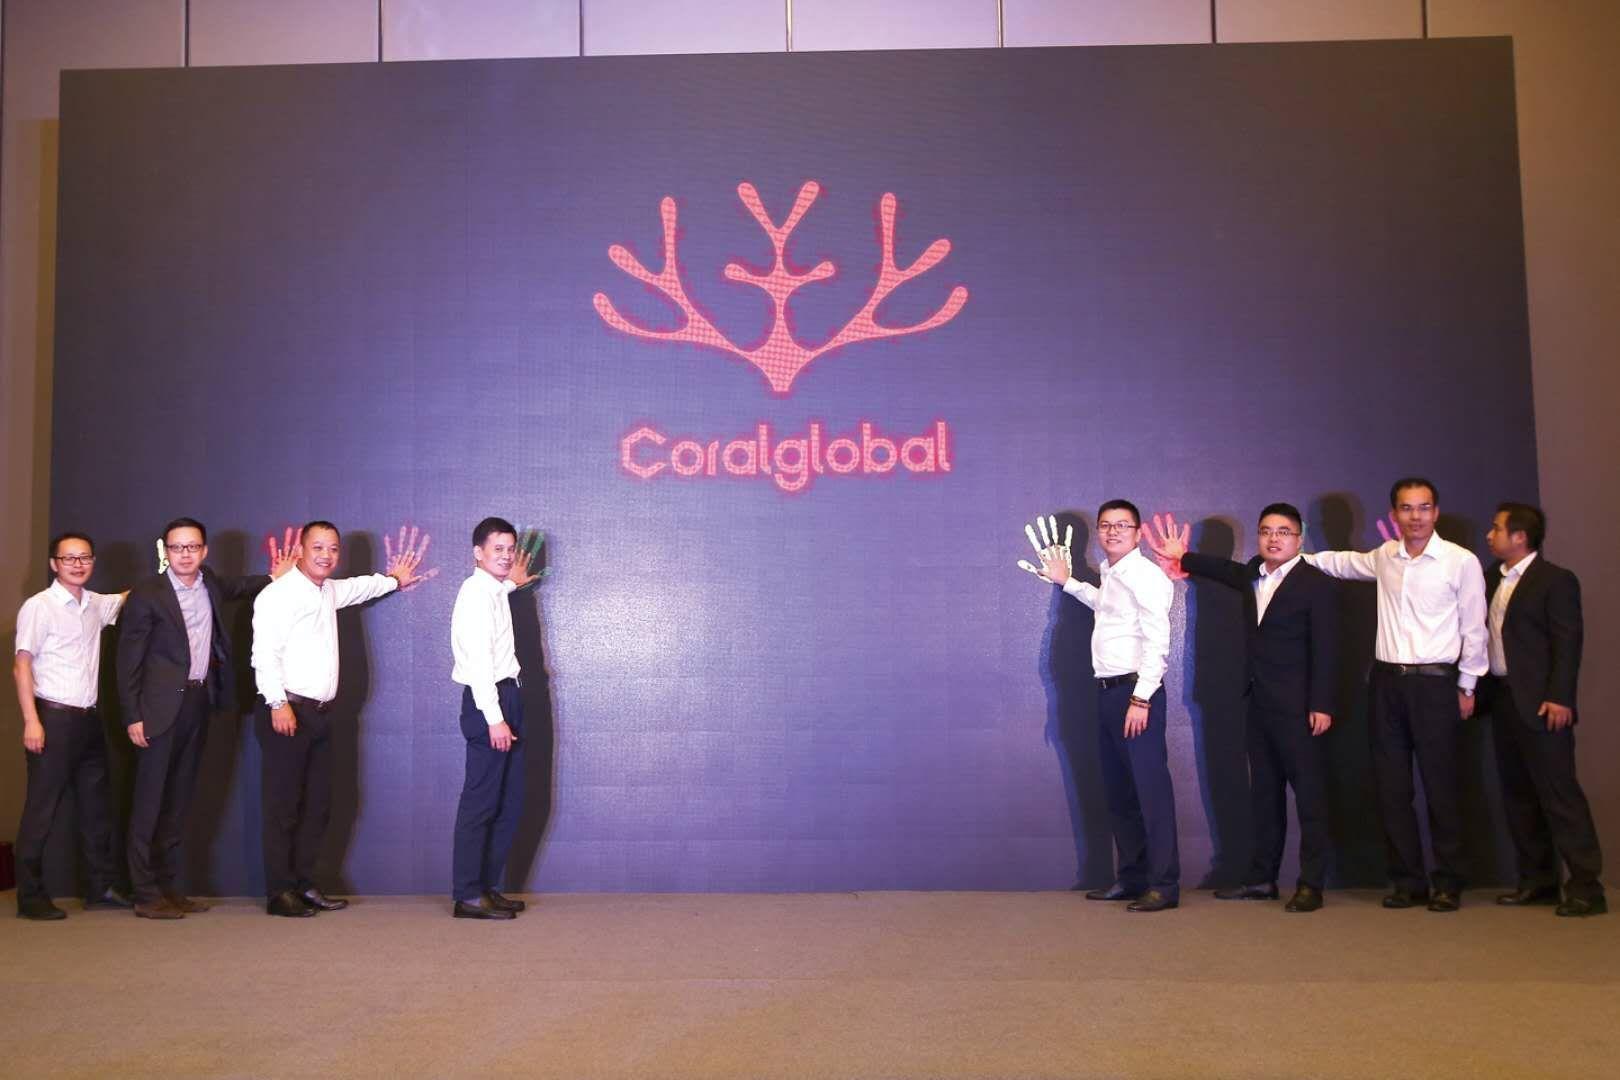 首发丨Coralglobal获数千万元Pre-A轮融资,由华瓯创投领投